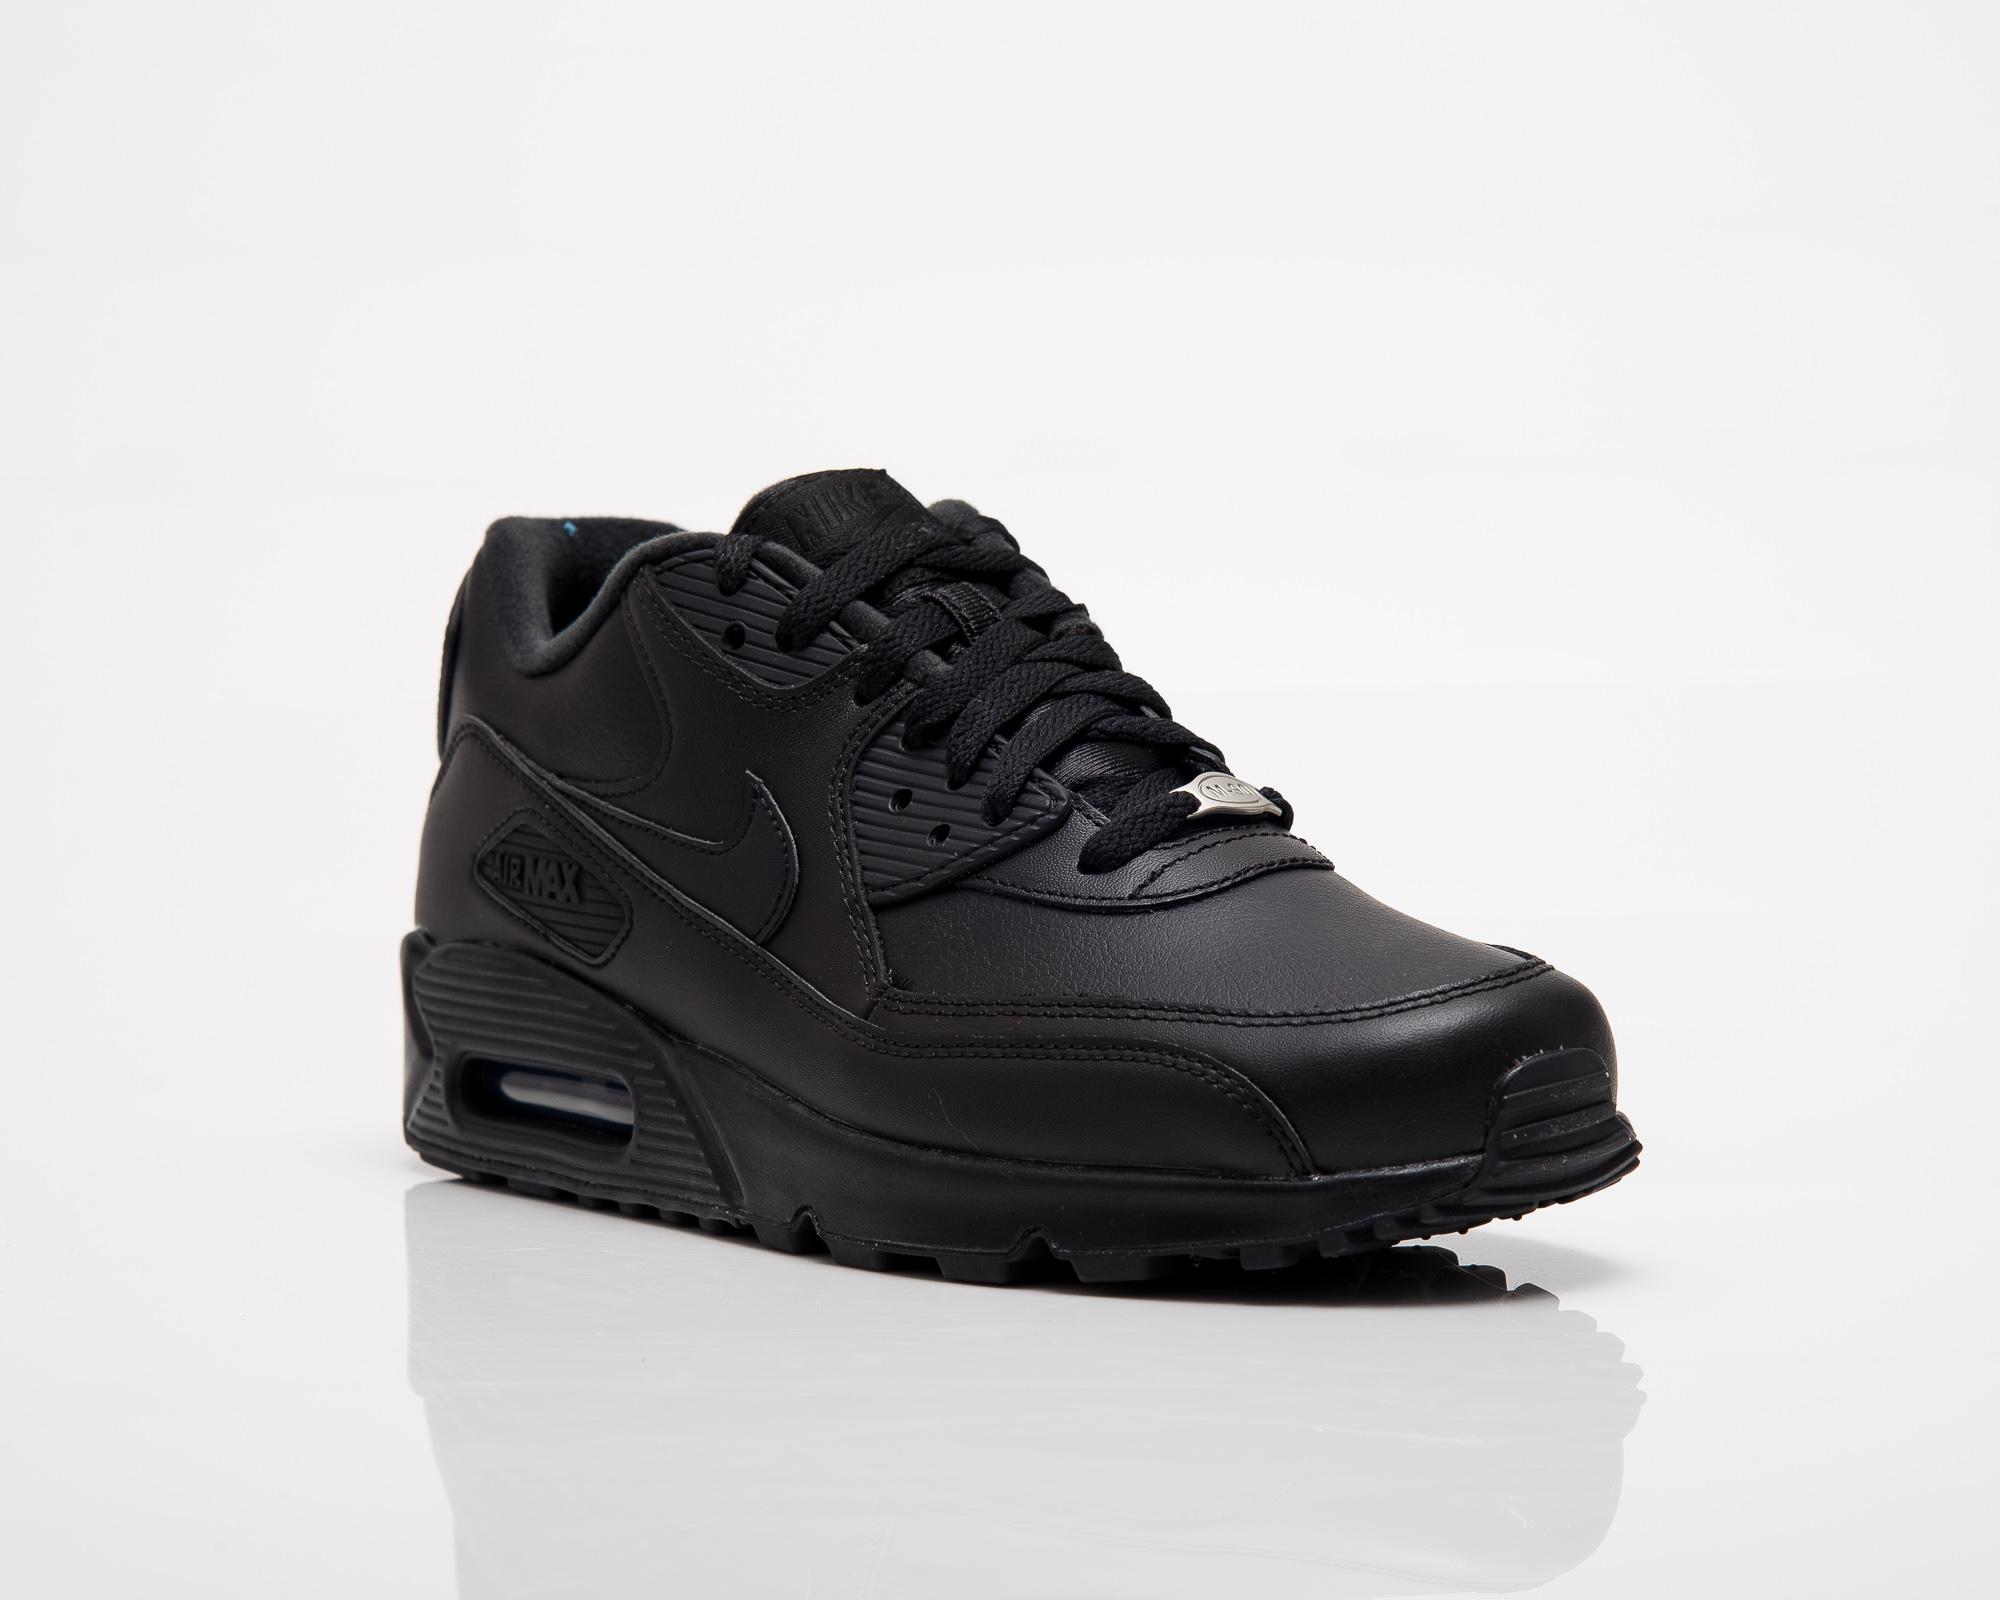 sale retailer 55b3d a09de Nike Air Max 90 Leather